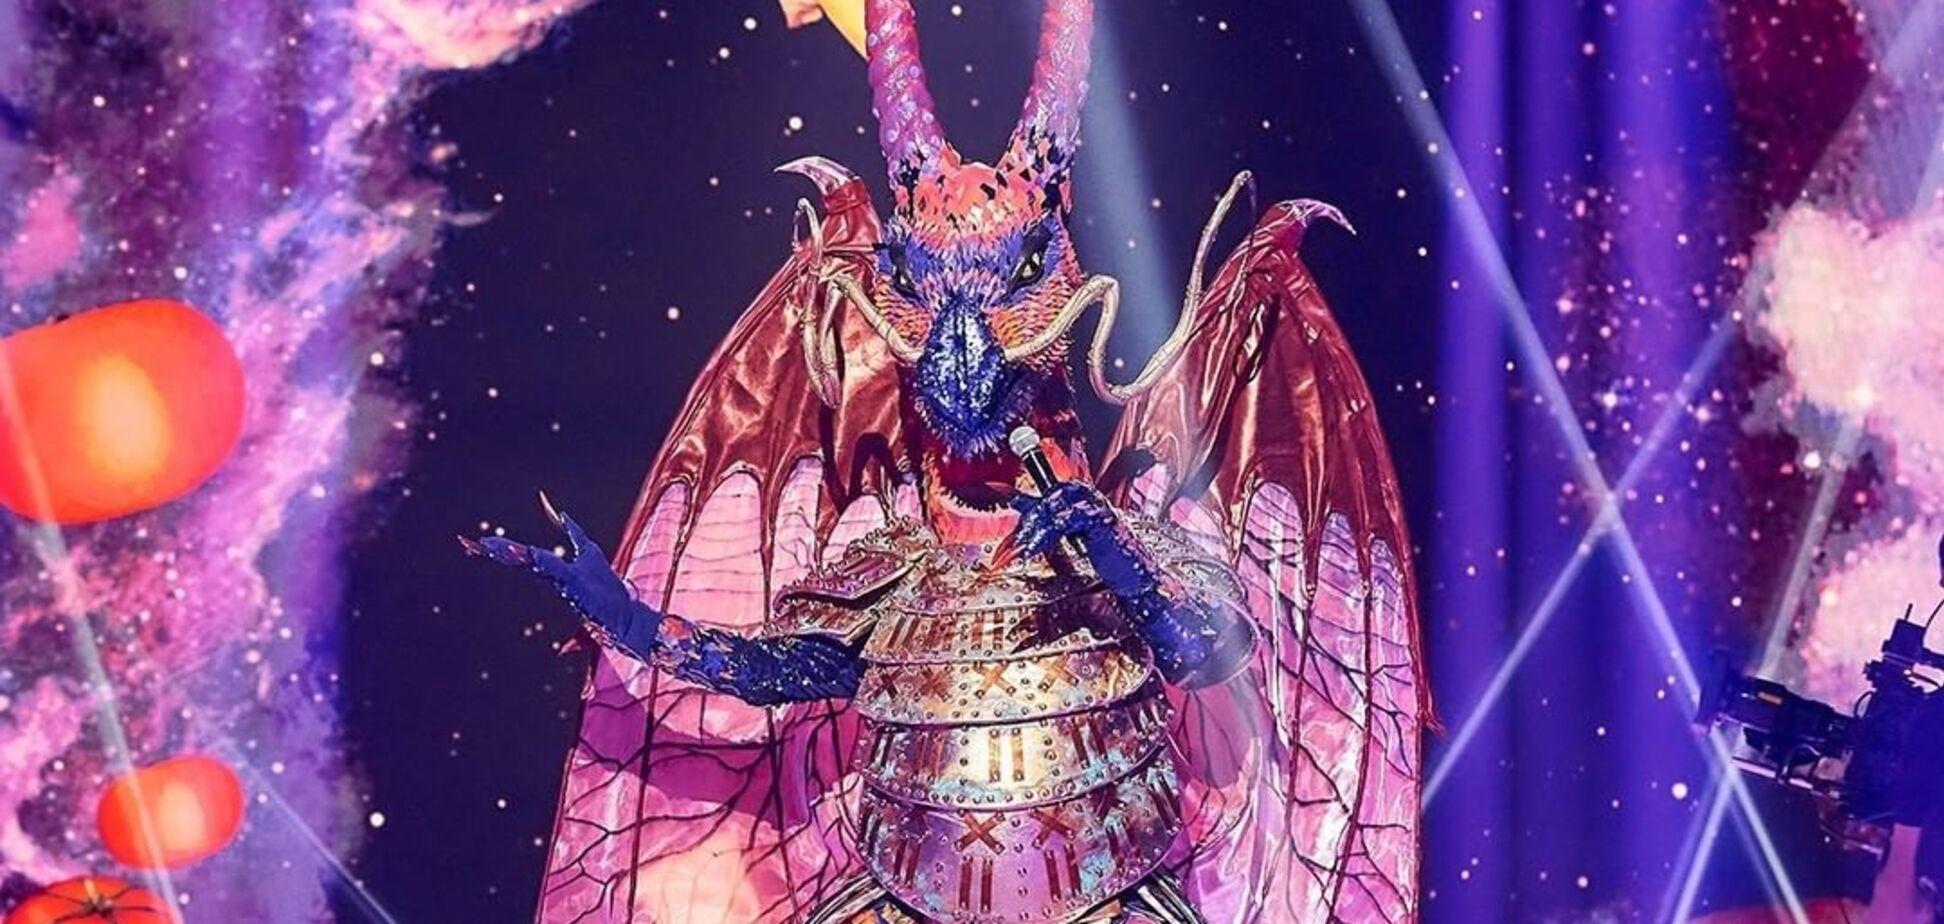 Кто скрывался за образом Дракона в шоу 'Маска'